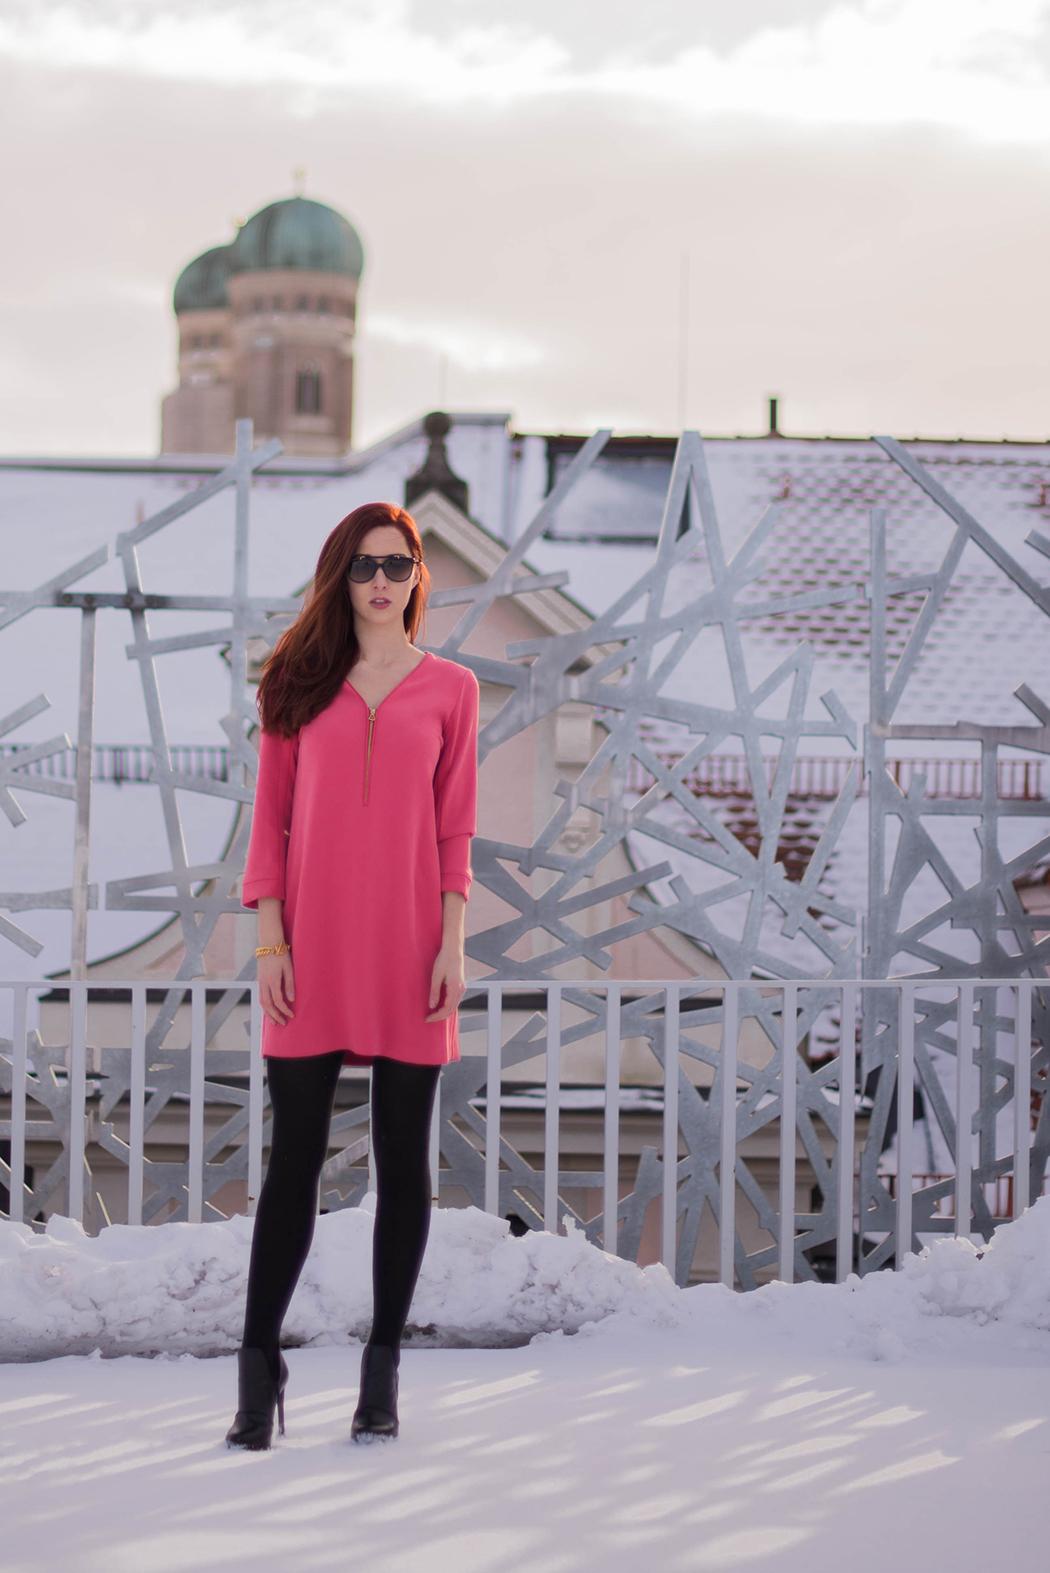 Lindarellla-Fashionblog-München-Fashionblogger-Deutschland-pinkes-Kleid-Zara-rote-Haare-Munich-1